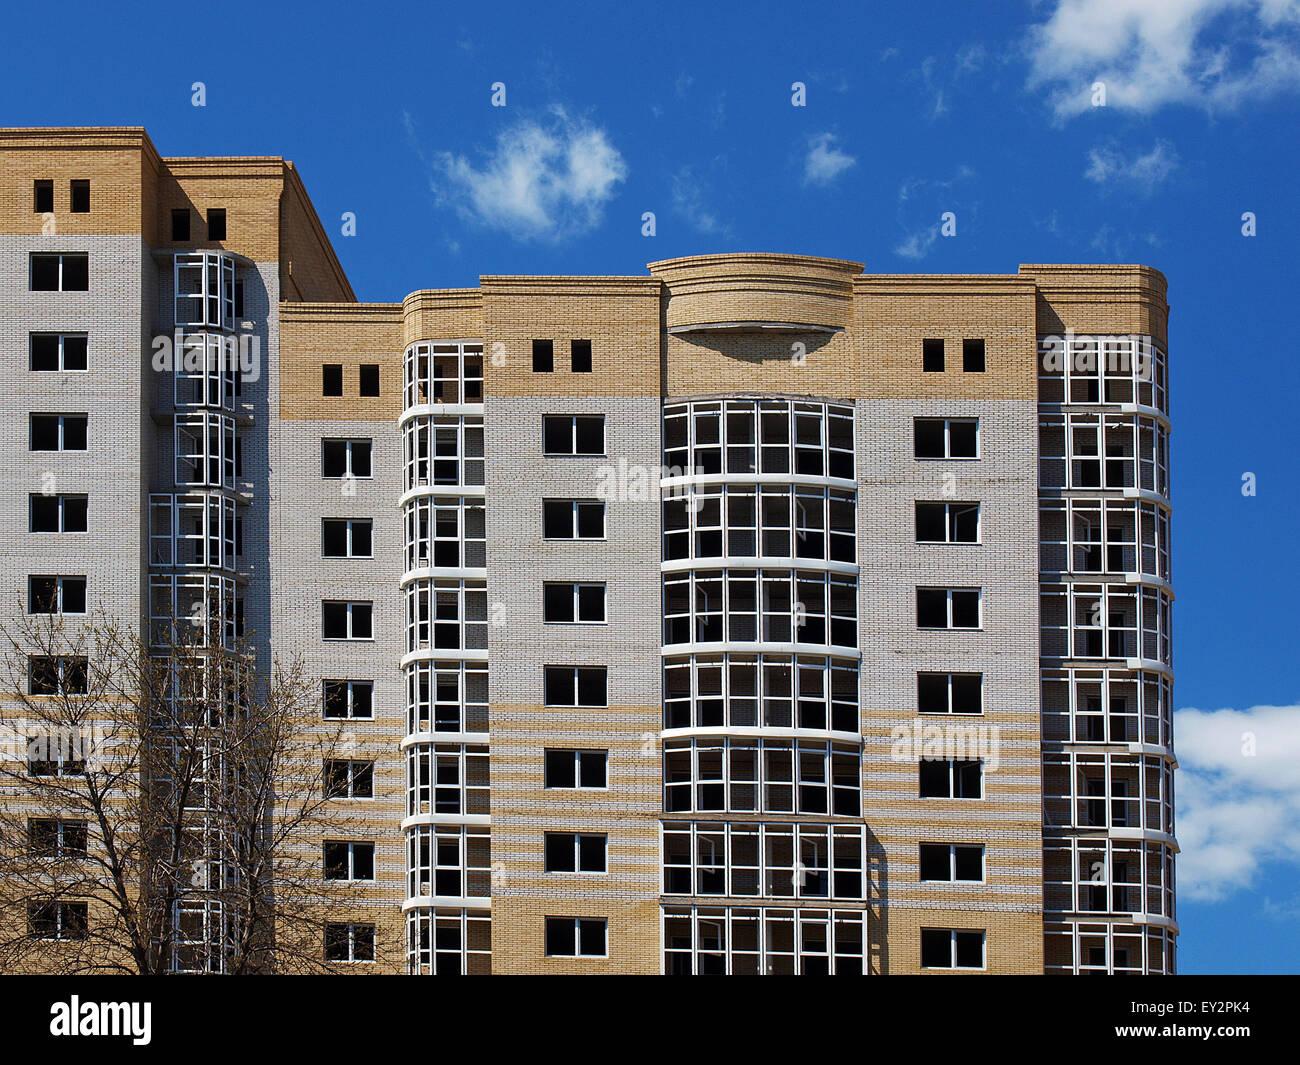 El complejo del edificio de varias plantas contra el azul del cielo sin nubes Imagen De Stock